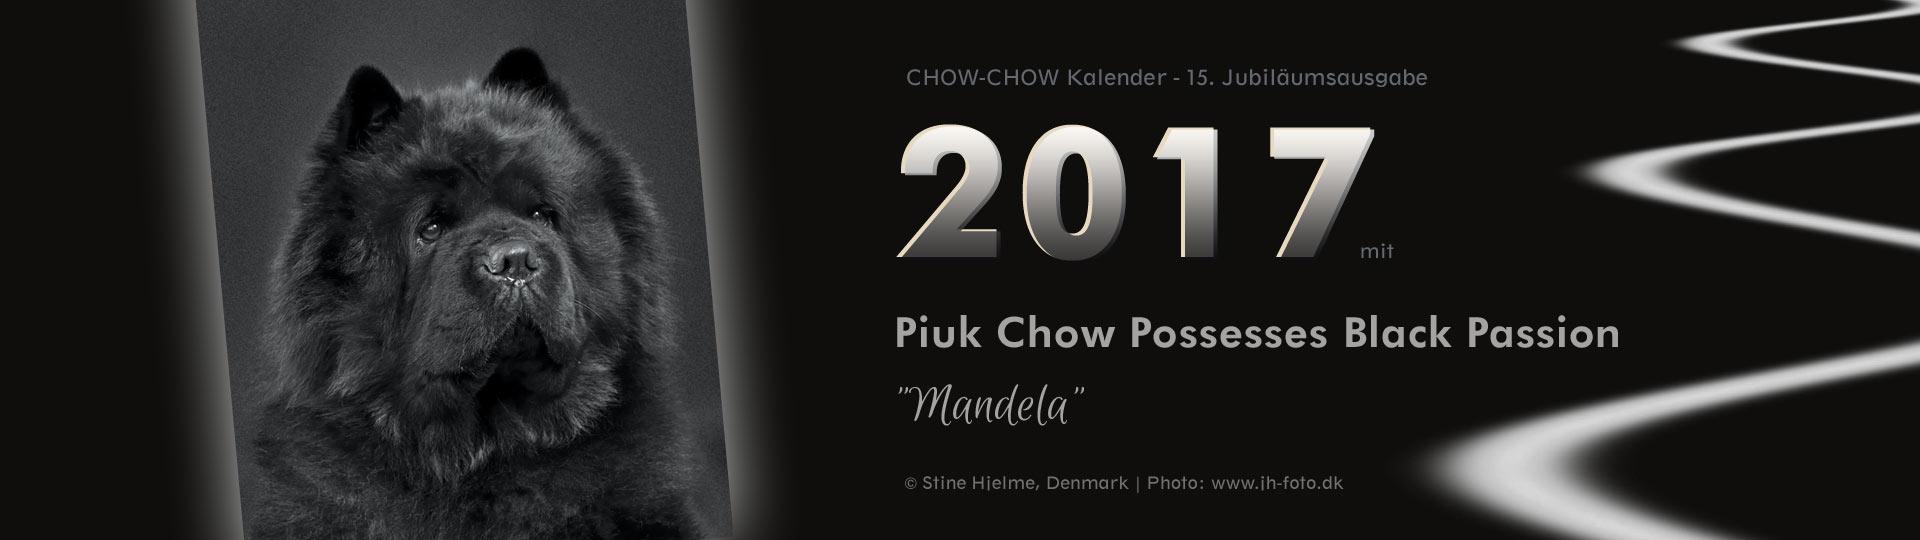 Chow-Chow Kalender 2017